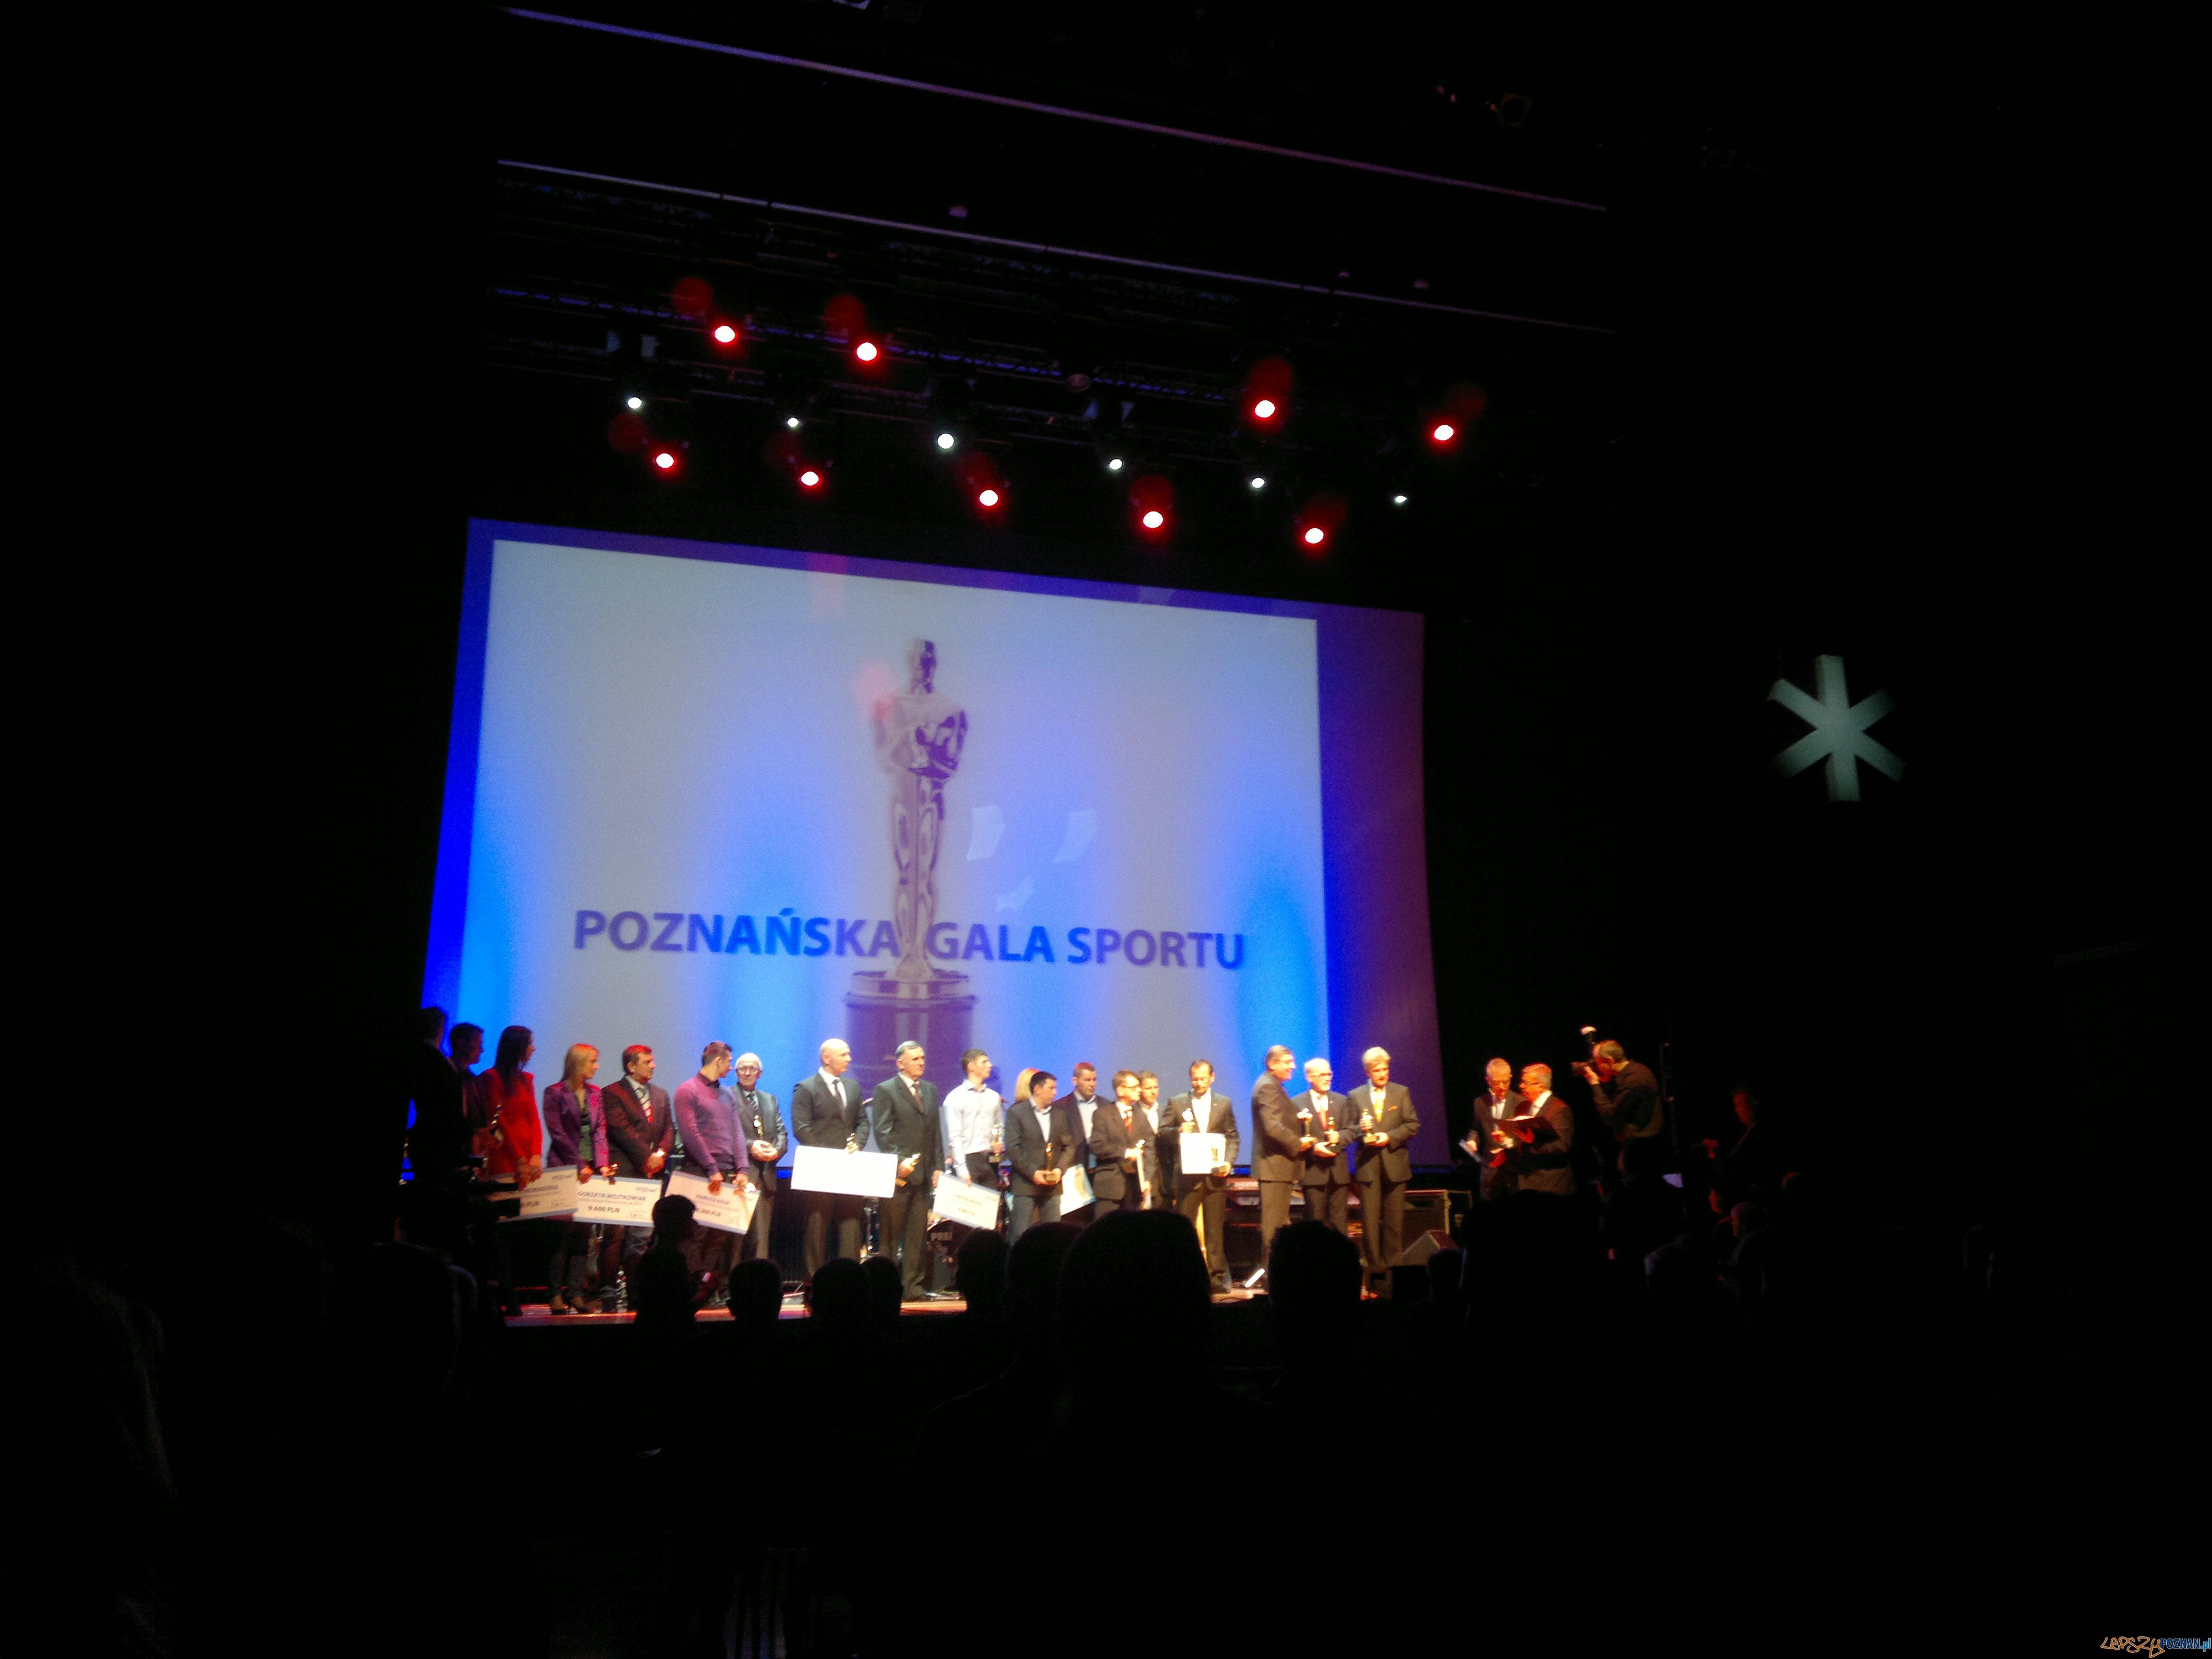 Poznańska Gala Sportu  Foto: TD